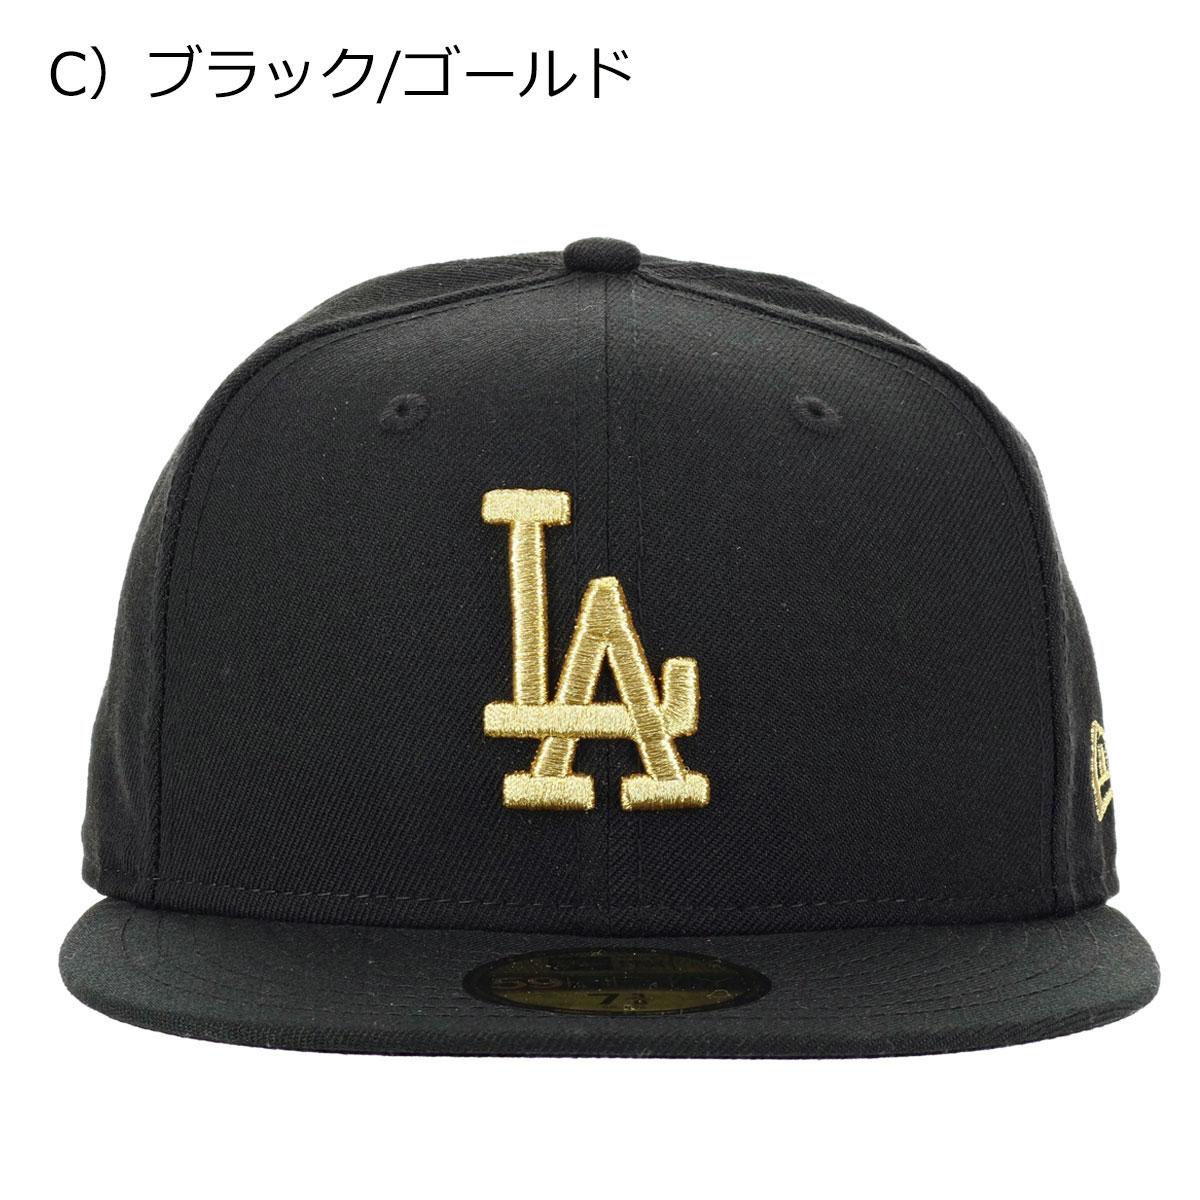 C)ブラック/ゴールド